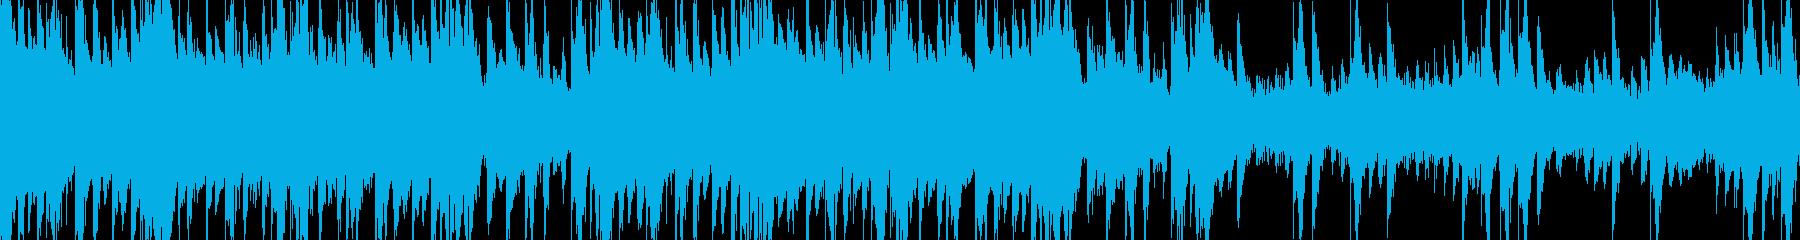 メロディックなポップ/ Drum'...の再生済みの波形